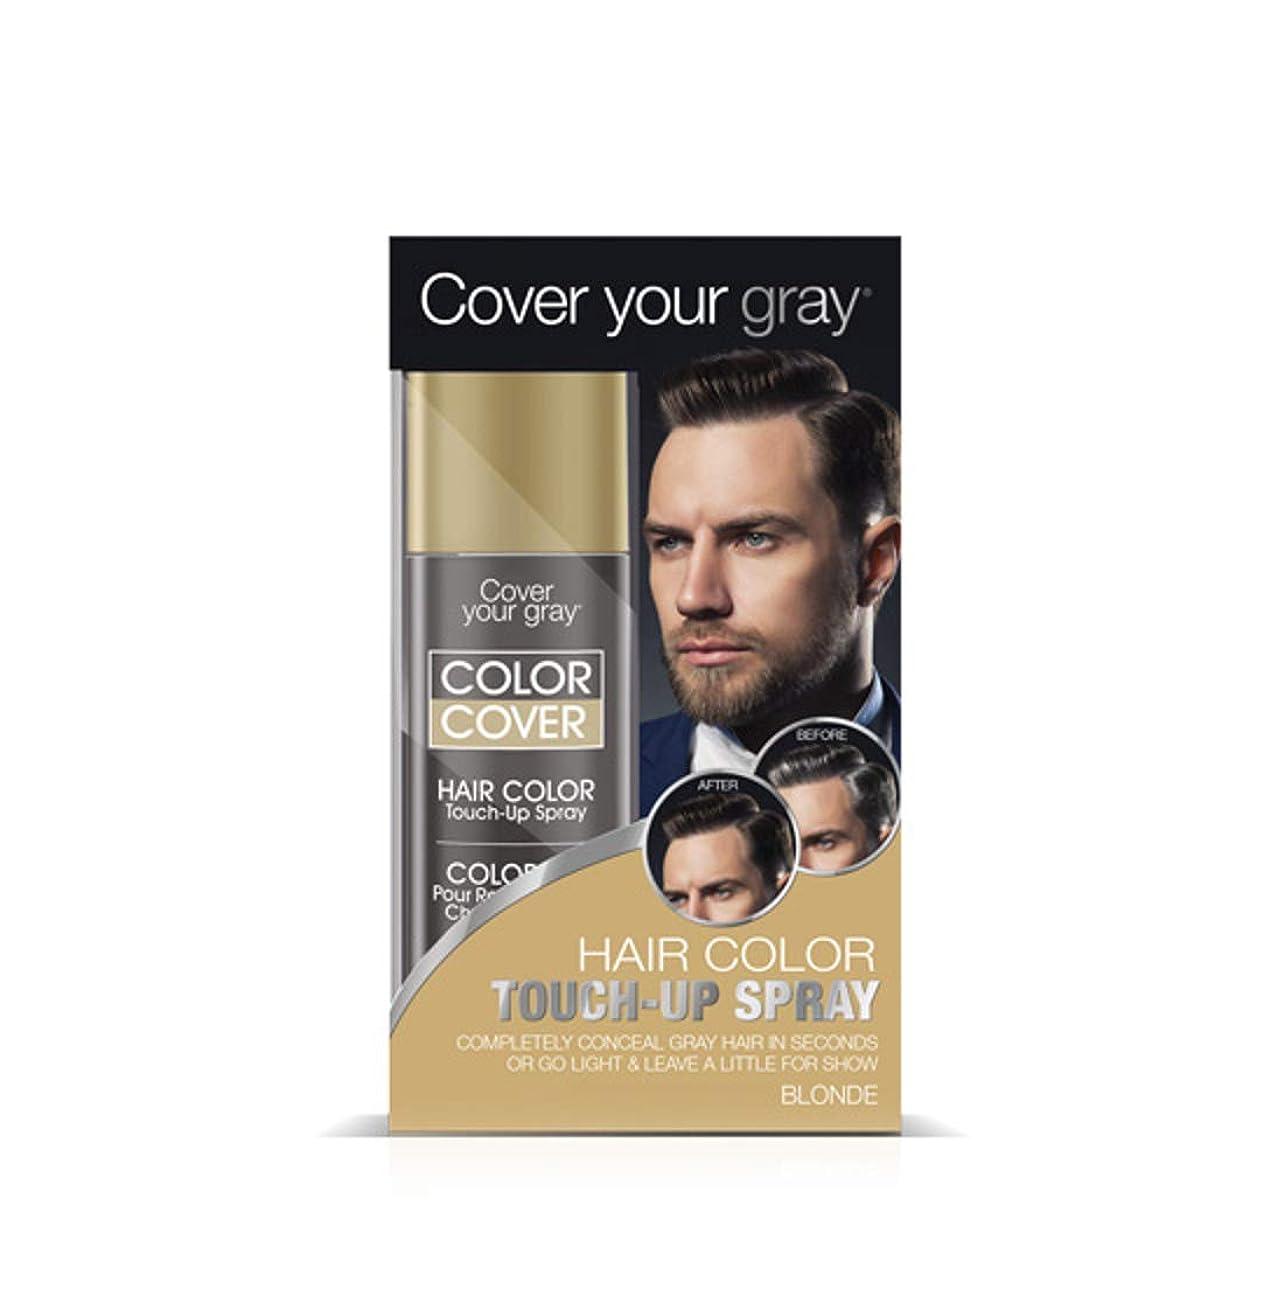 非常に少年フリルCover Your Gray メンズカラーカバータッチアップスプレー - ブロンド(4パック)